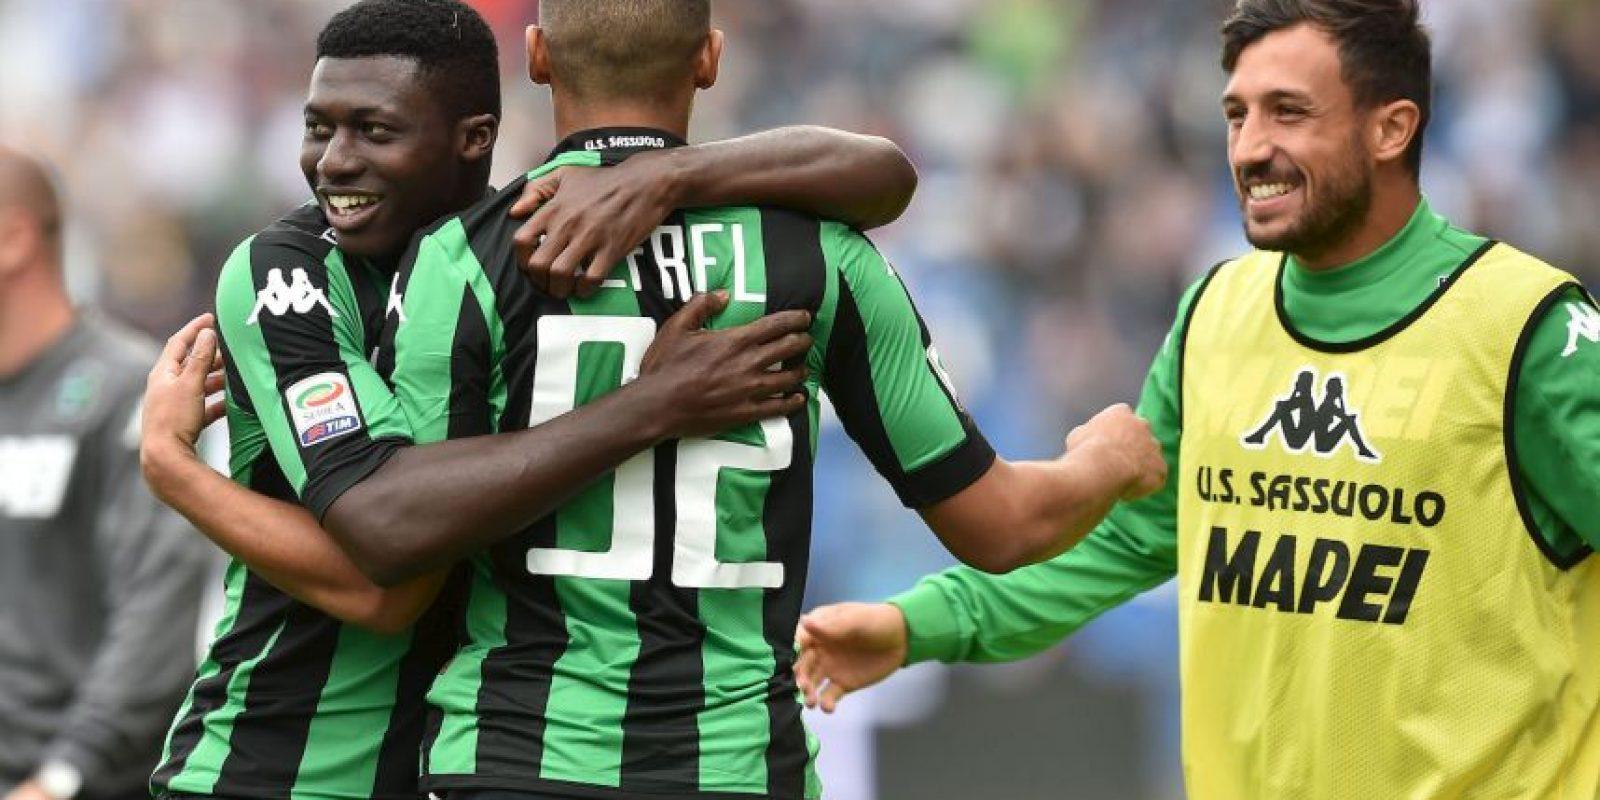 Este modesto equipo lleva más puntos que otros históricos de Italia como Juventus (15º), Napoli (10º) o la Roma (6º), y sigue invicto pues en 6 fechas ha ganado tres duelos y empatado los restantes. Foto:Getty Images